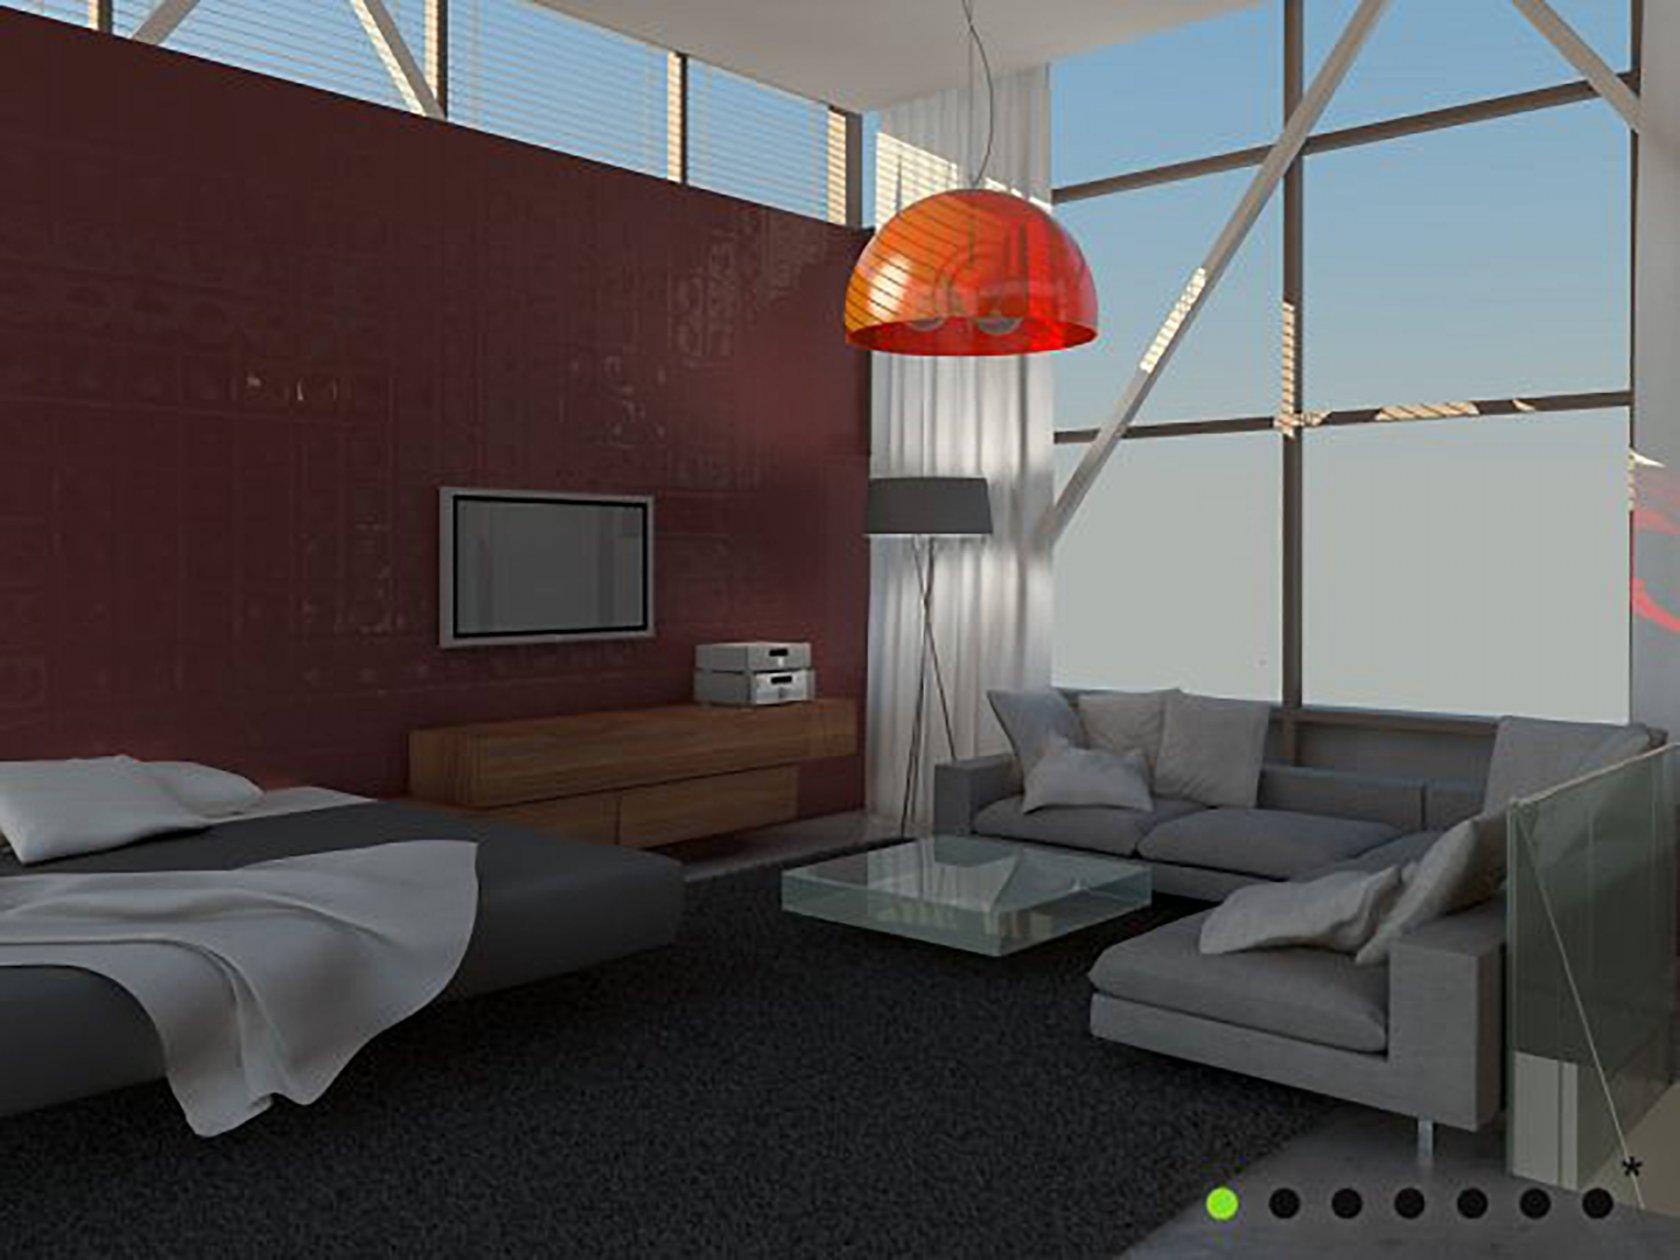 pyramide auf dem dach eines hochhauses. Black Bedroom Furniture Sets. Home Design Ideas